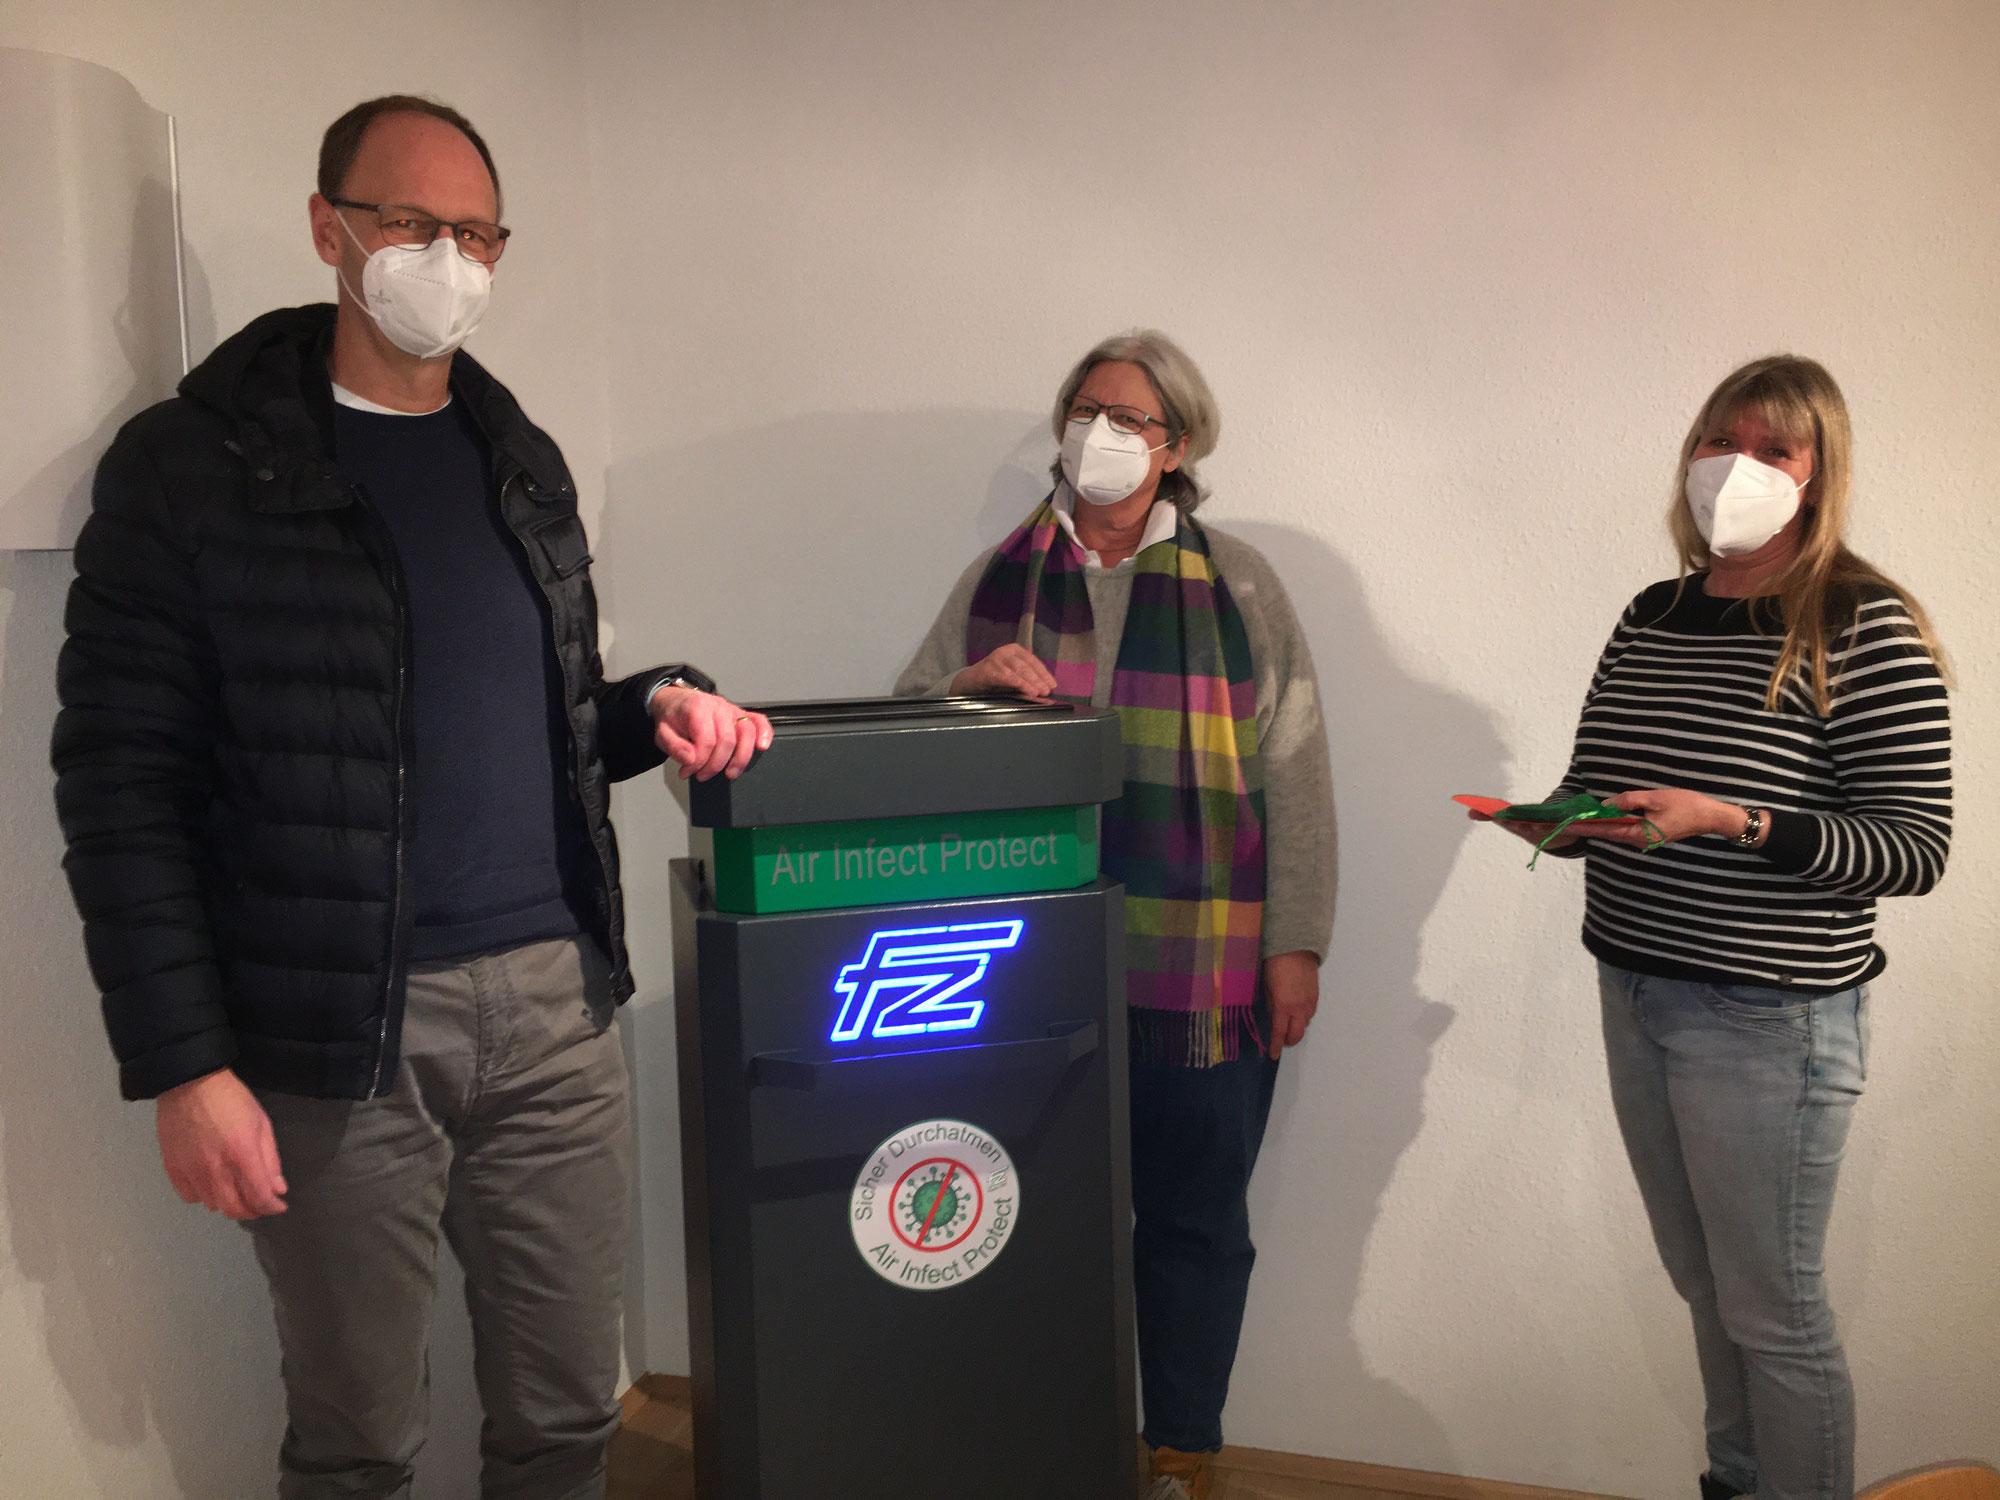 Air Infect Protect Luftreinigungsgerät als Spende (Text und Foto Uwe Goerlich)